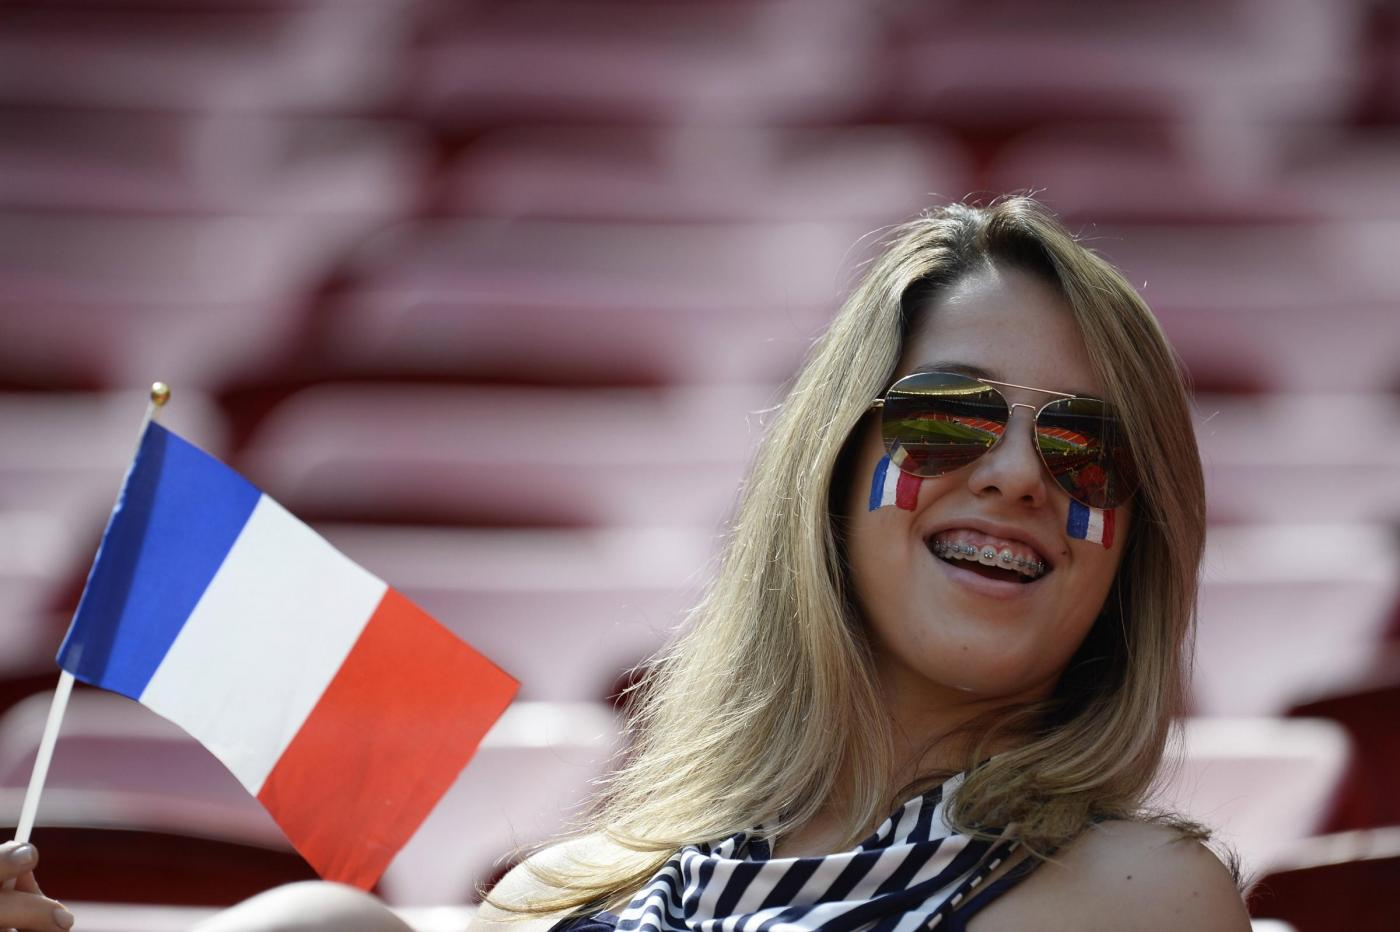 Qualificazioni Europei U.17 25 ottobre: si giocano 4 gare della prima fase di qualificazione al torneo. Chi otterrà i 3 punti in palio?